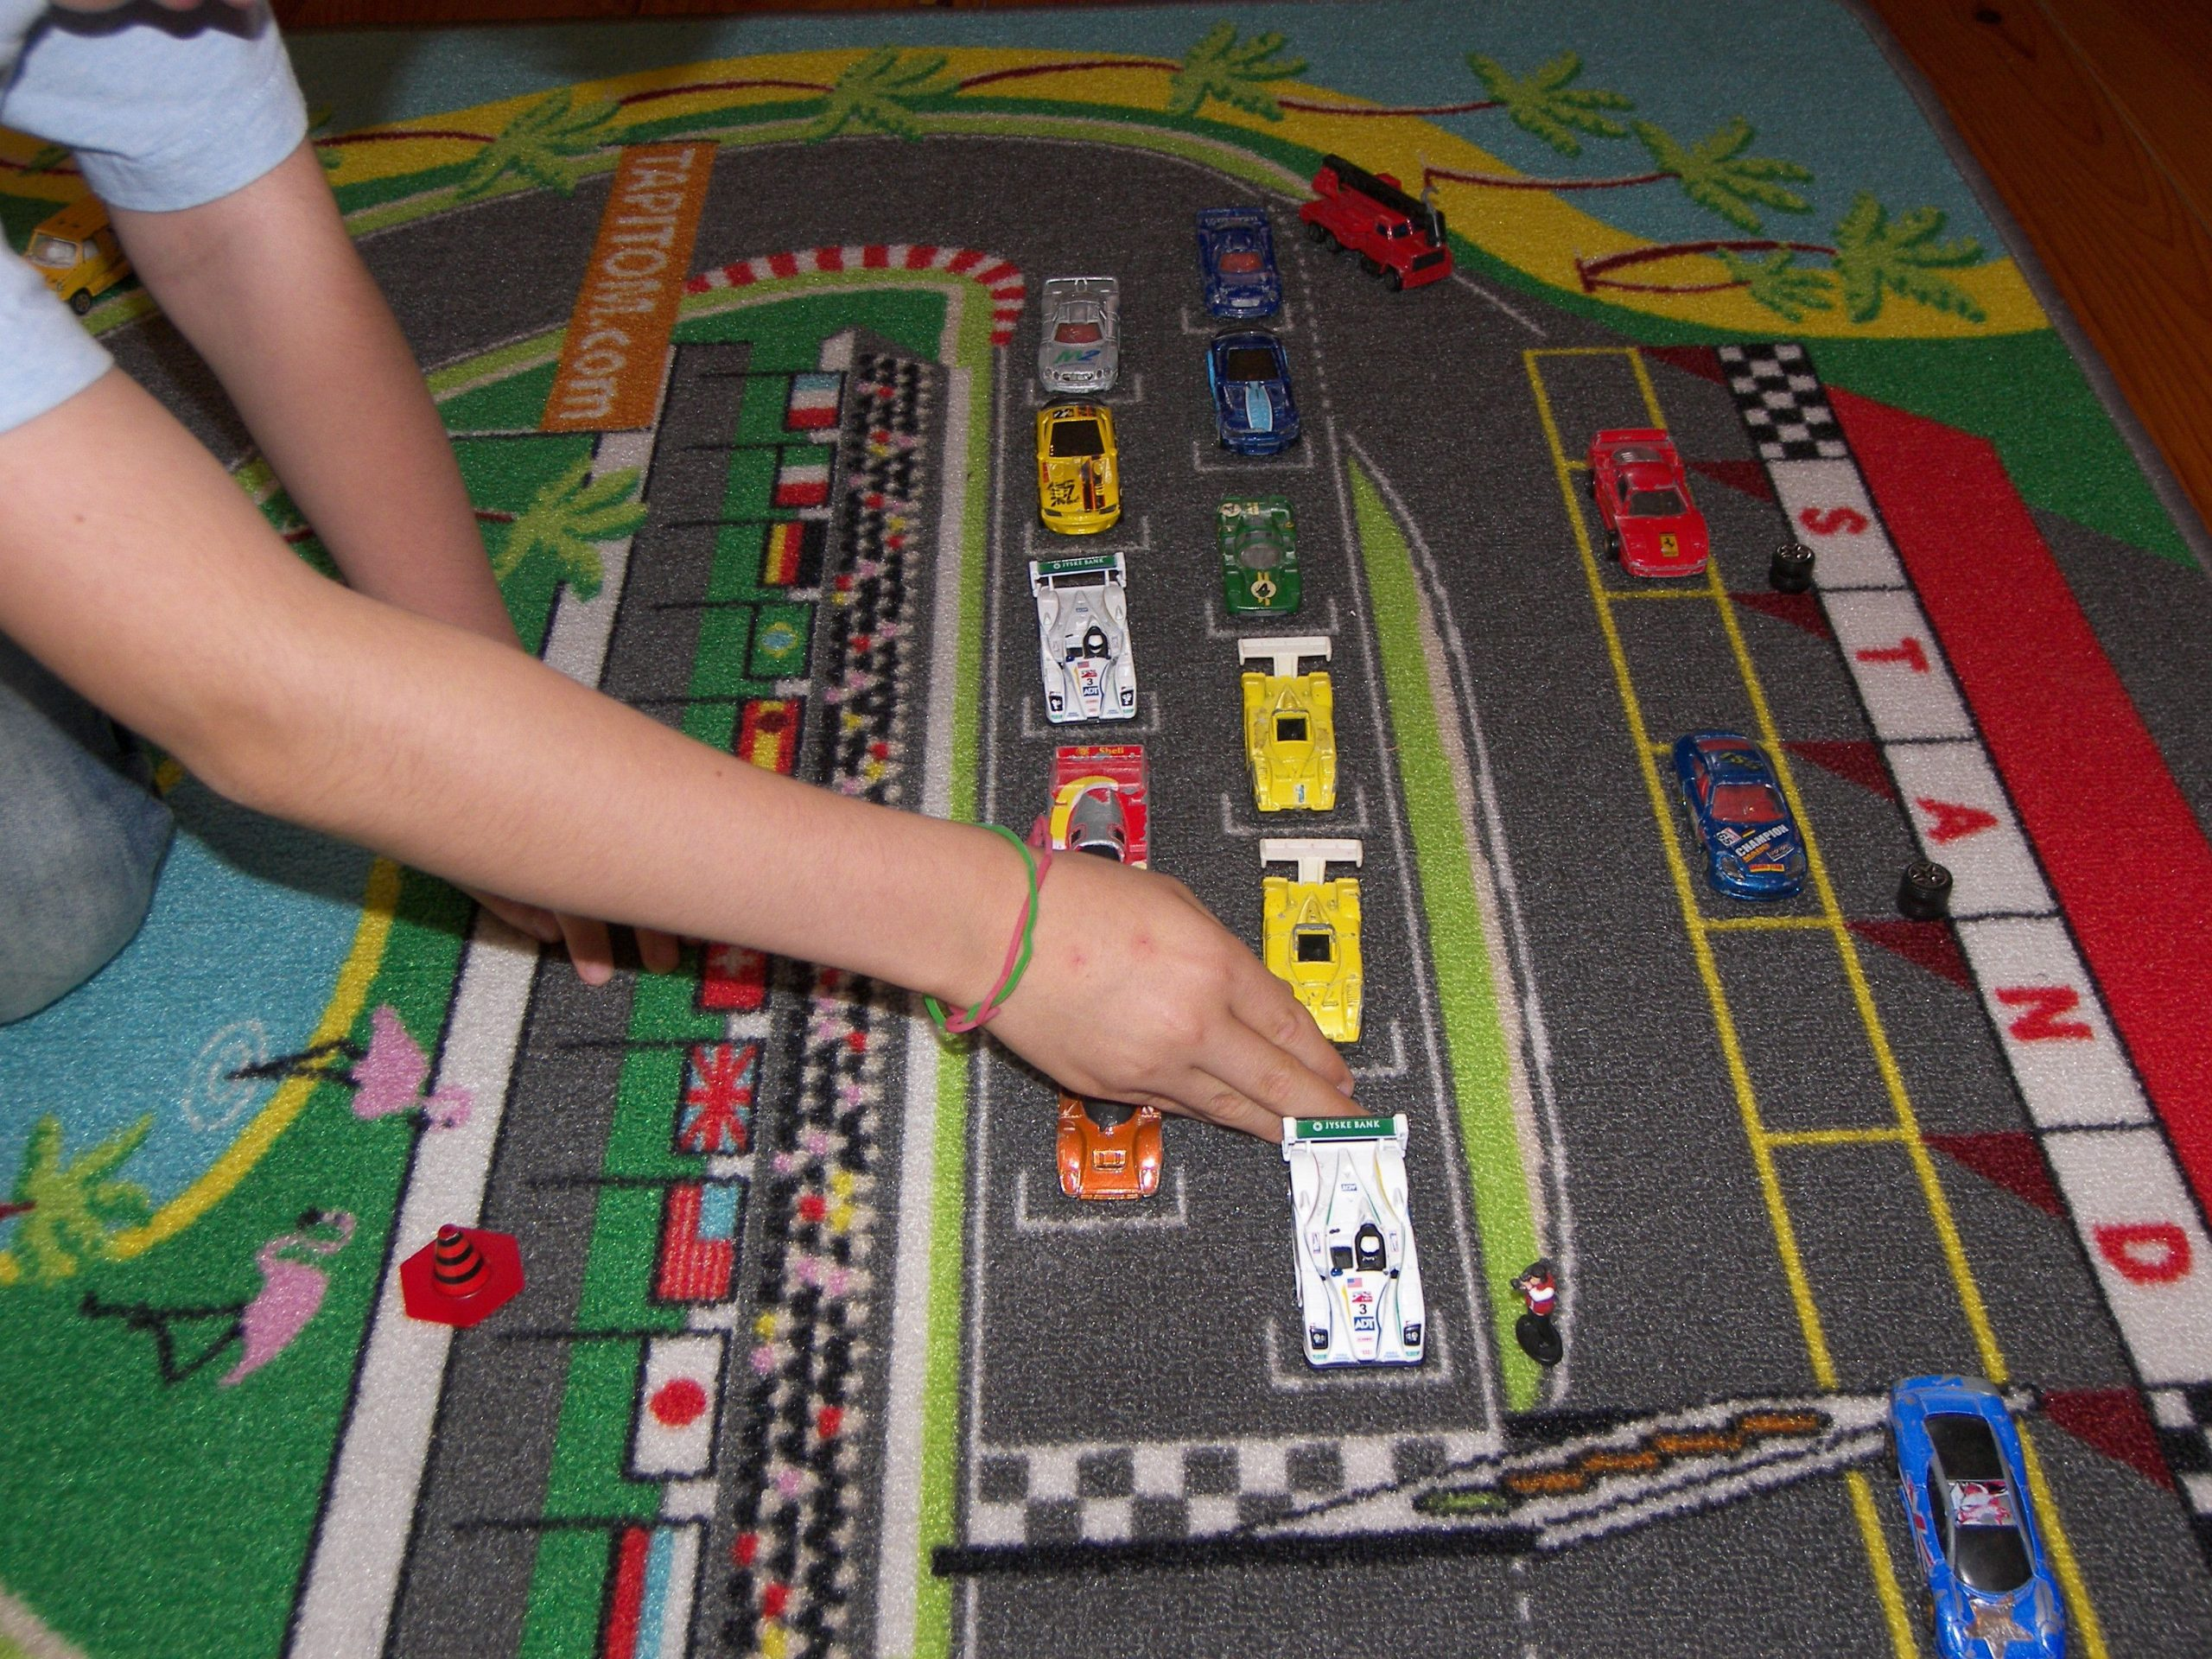 Tapis De Jeu Pour Chambre D'enfant Pour Jouer Avec Ses concernant Jeux De Voiture Gratuit Pour Enfan